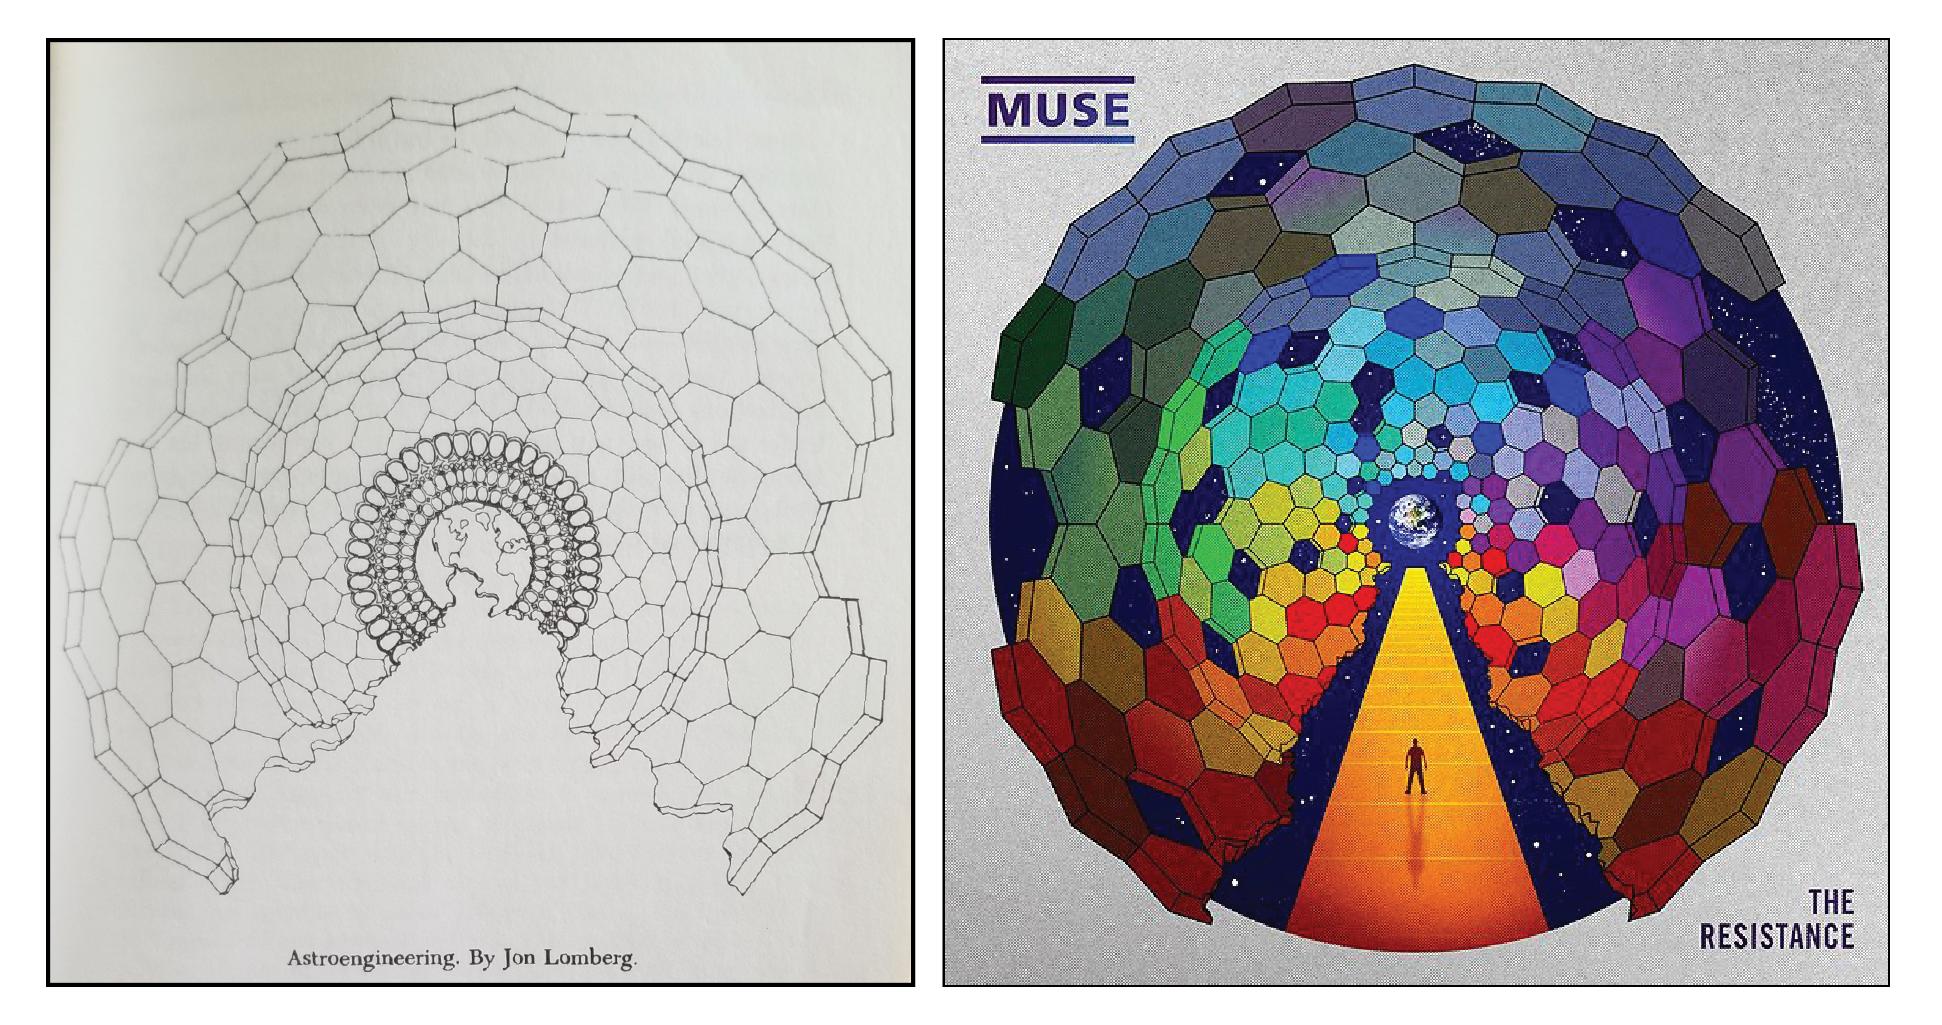 Une chasse au trésor musicale organisée par Muse